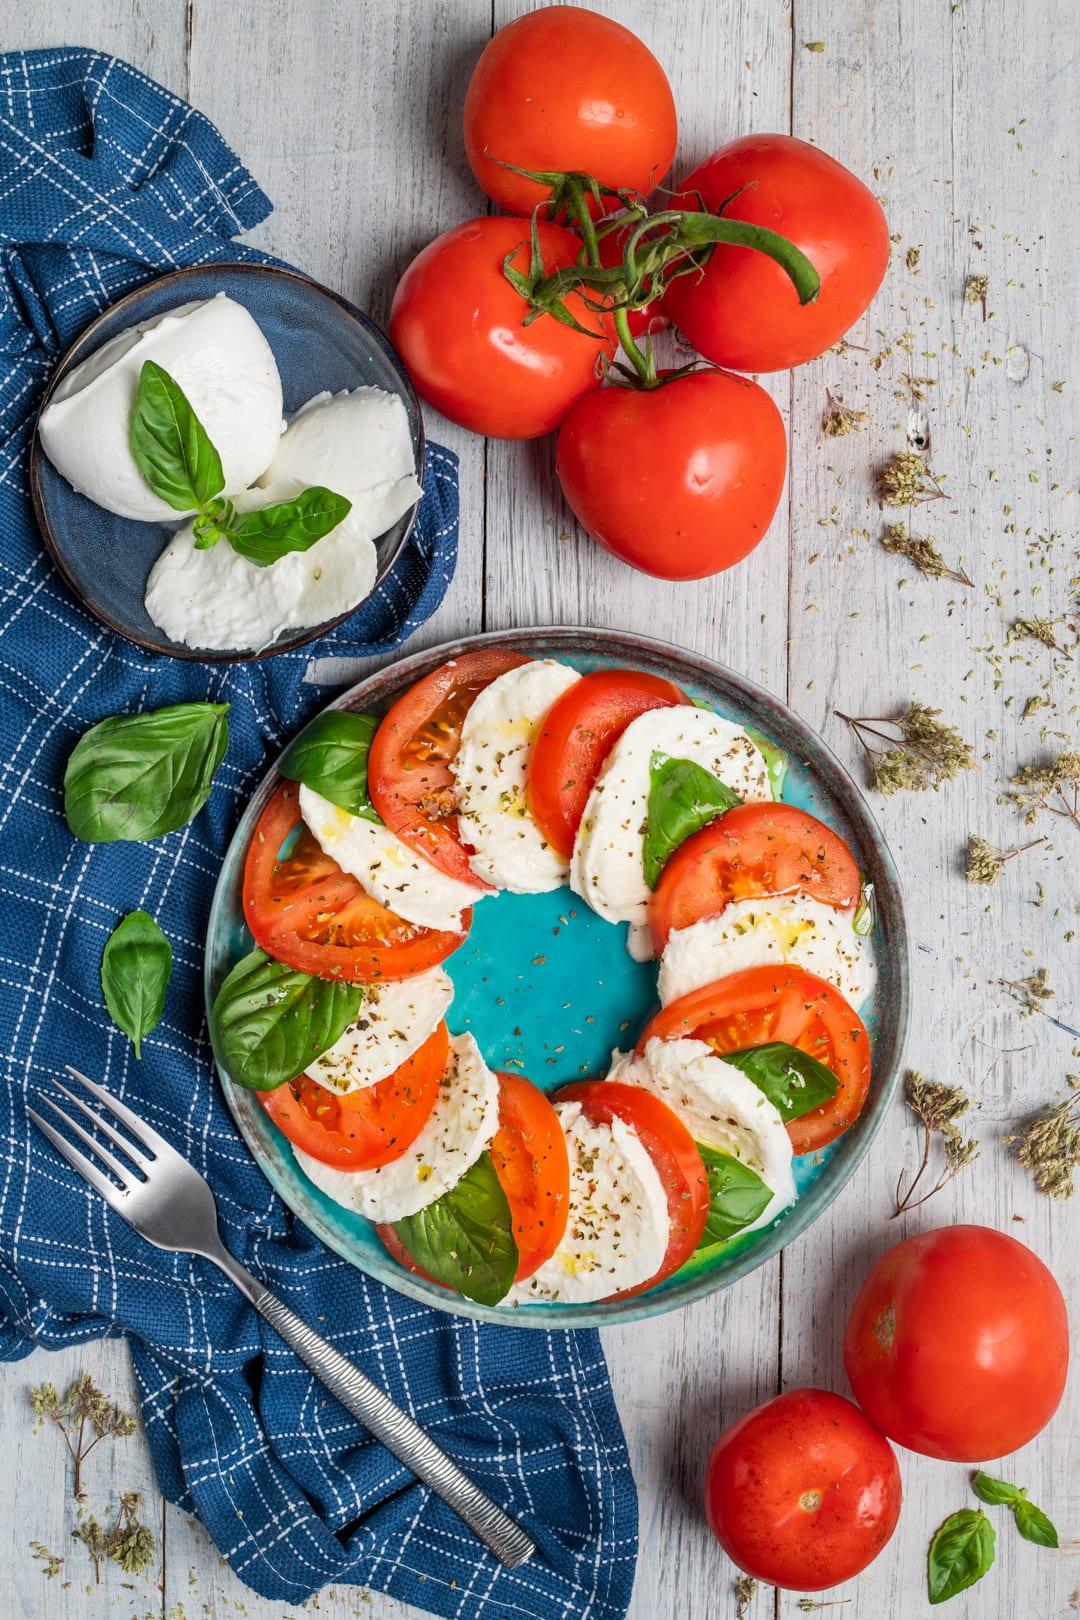 Insalata caprese nel piatto con ricetta e ingredienti